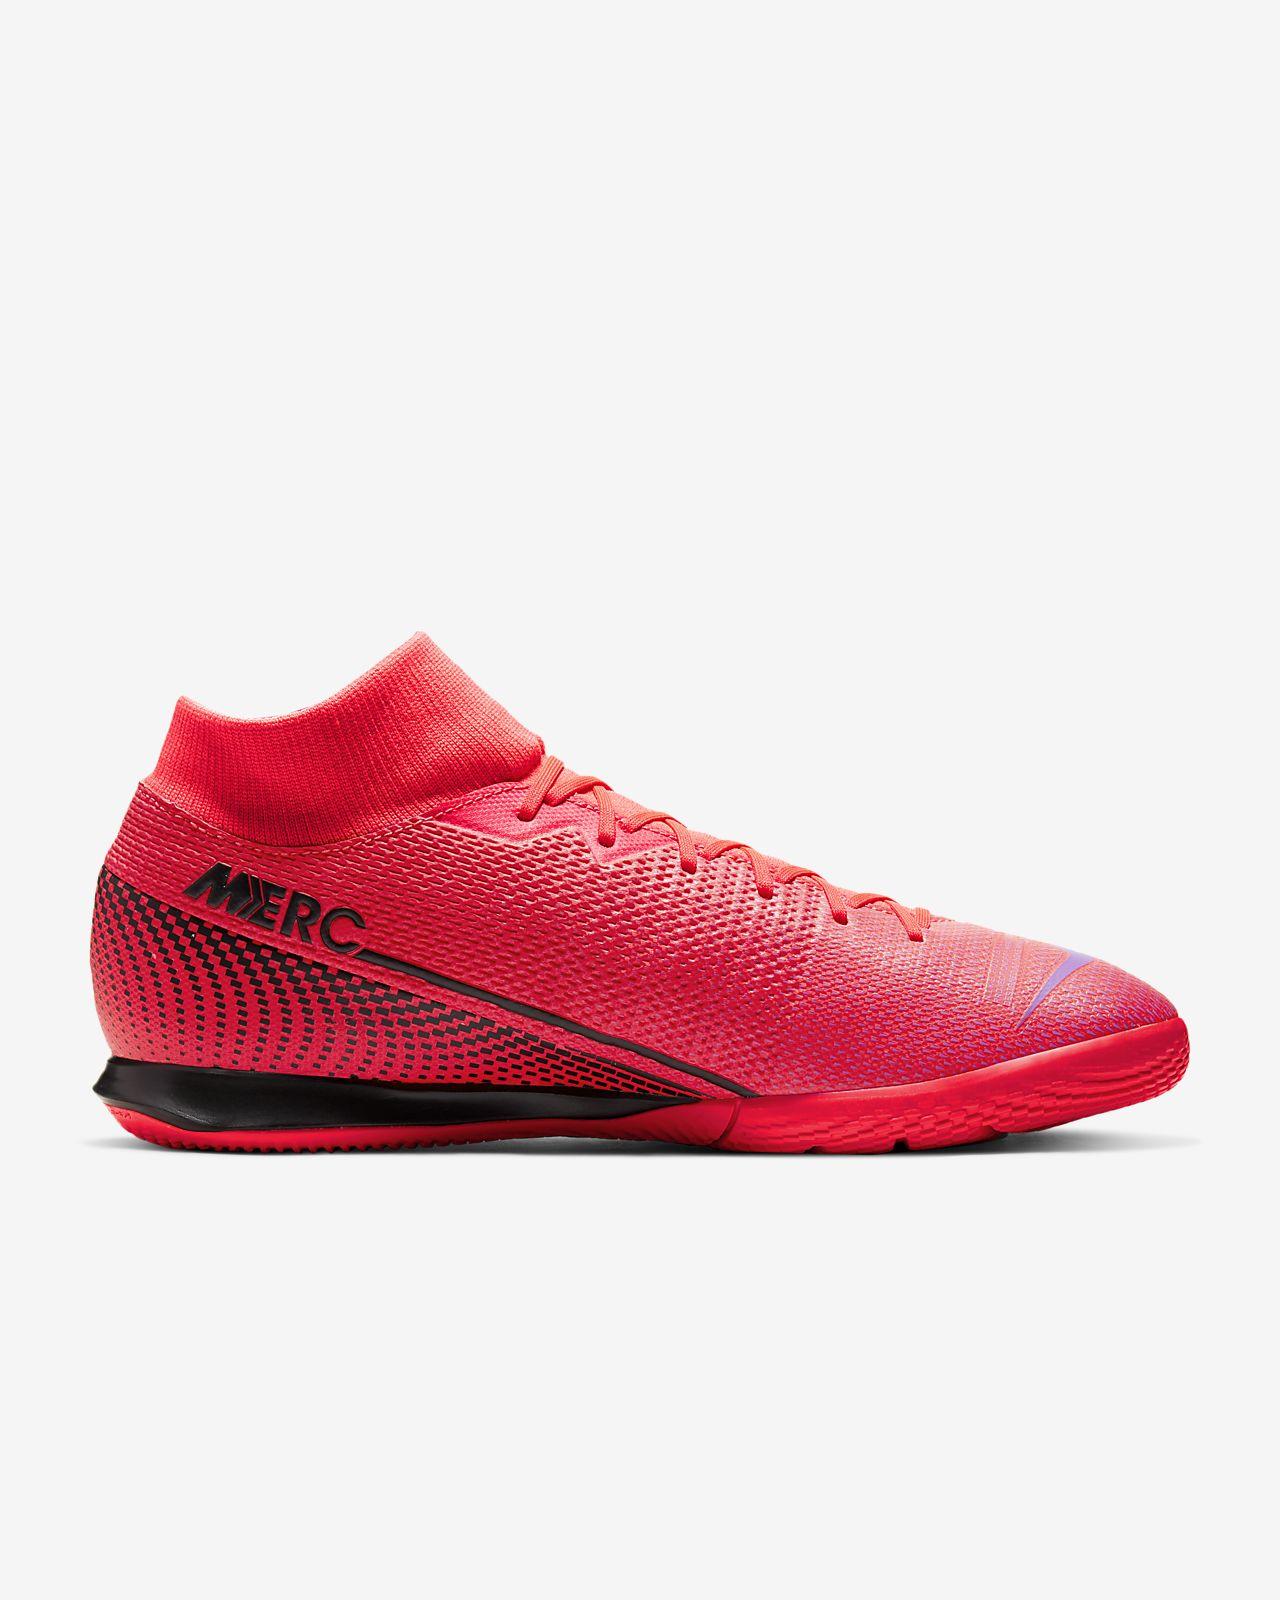 Scarpa da calcio per campi indoorcemento Nike Mercurial Superfly 7 Academy IC